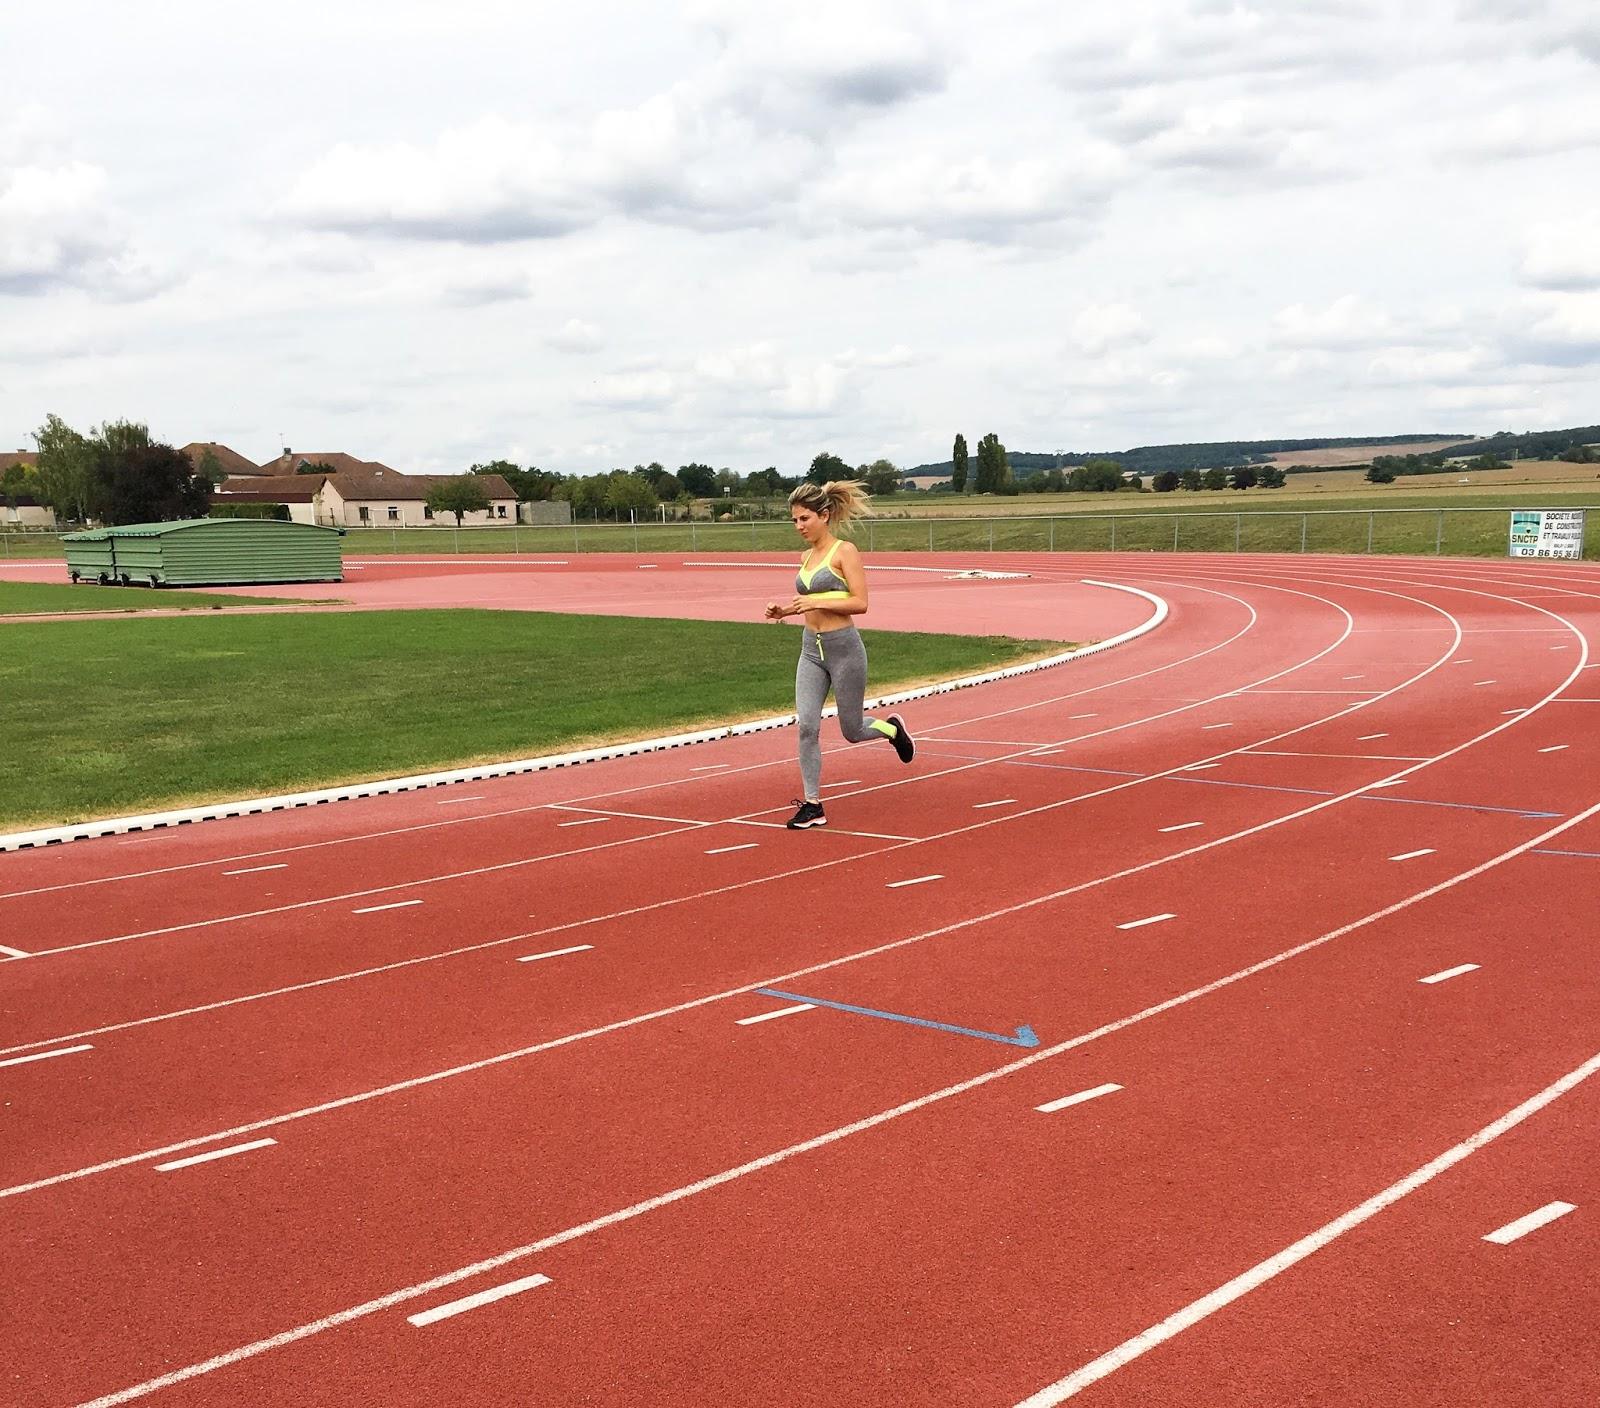 Se motiver à aller courir !